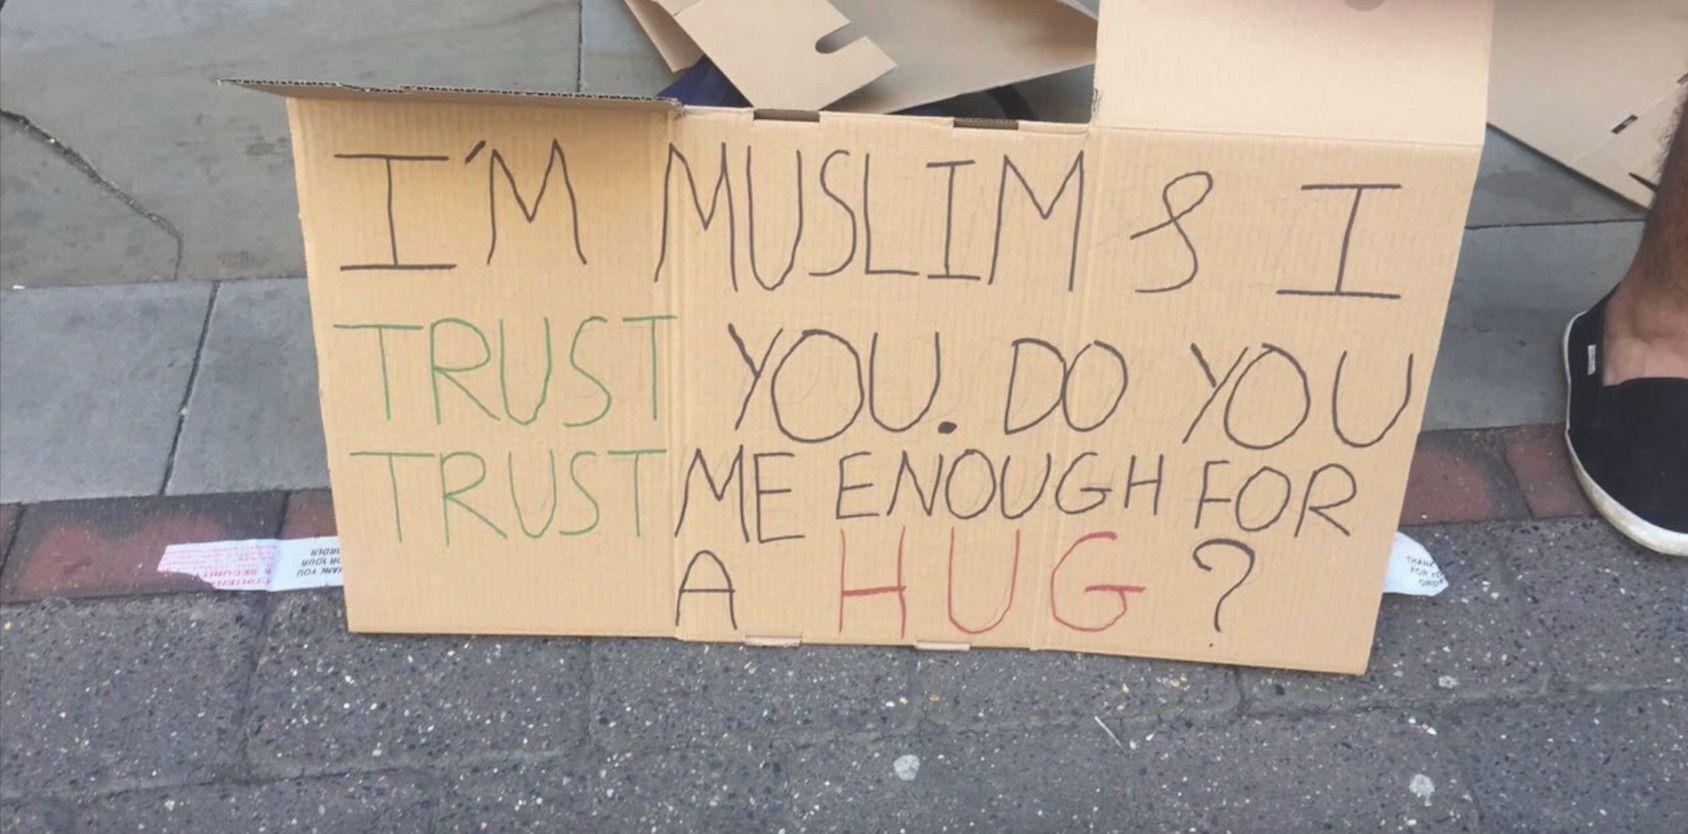 Sono musulmano, abbracciami: così Manchester risponde dopo l'attentato